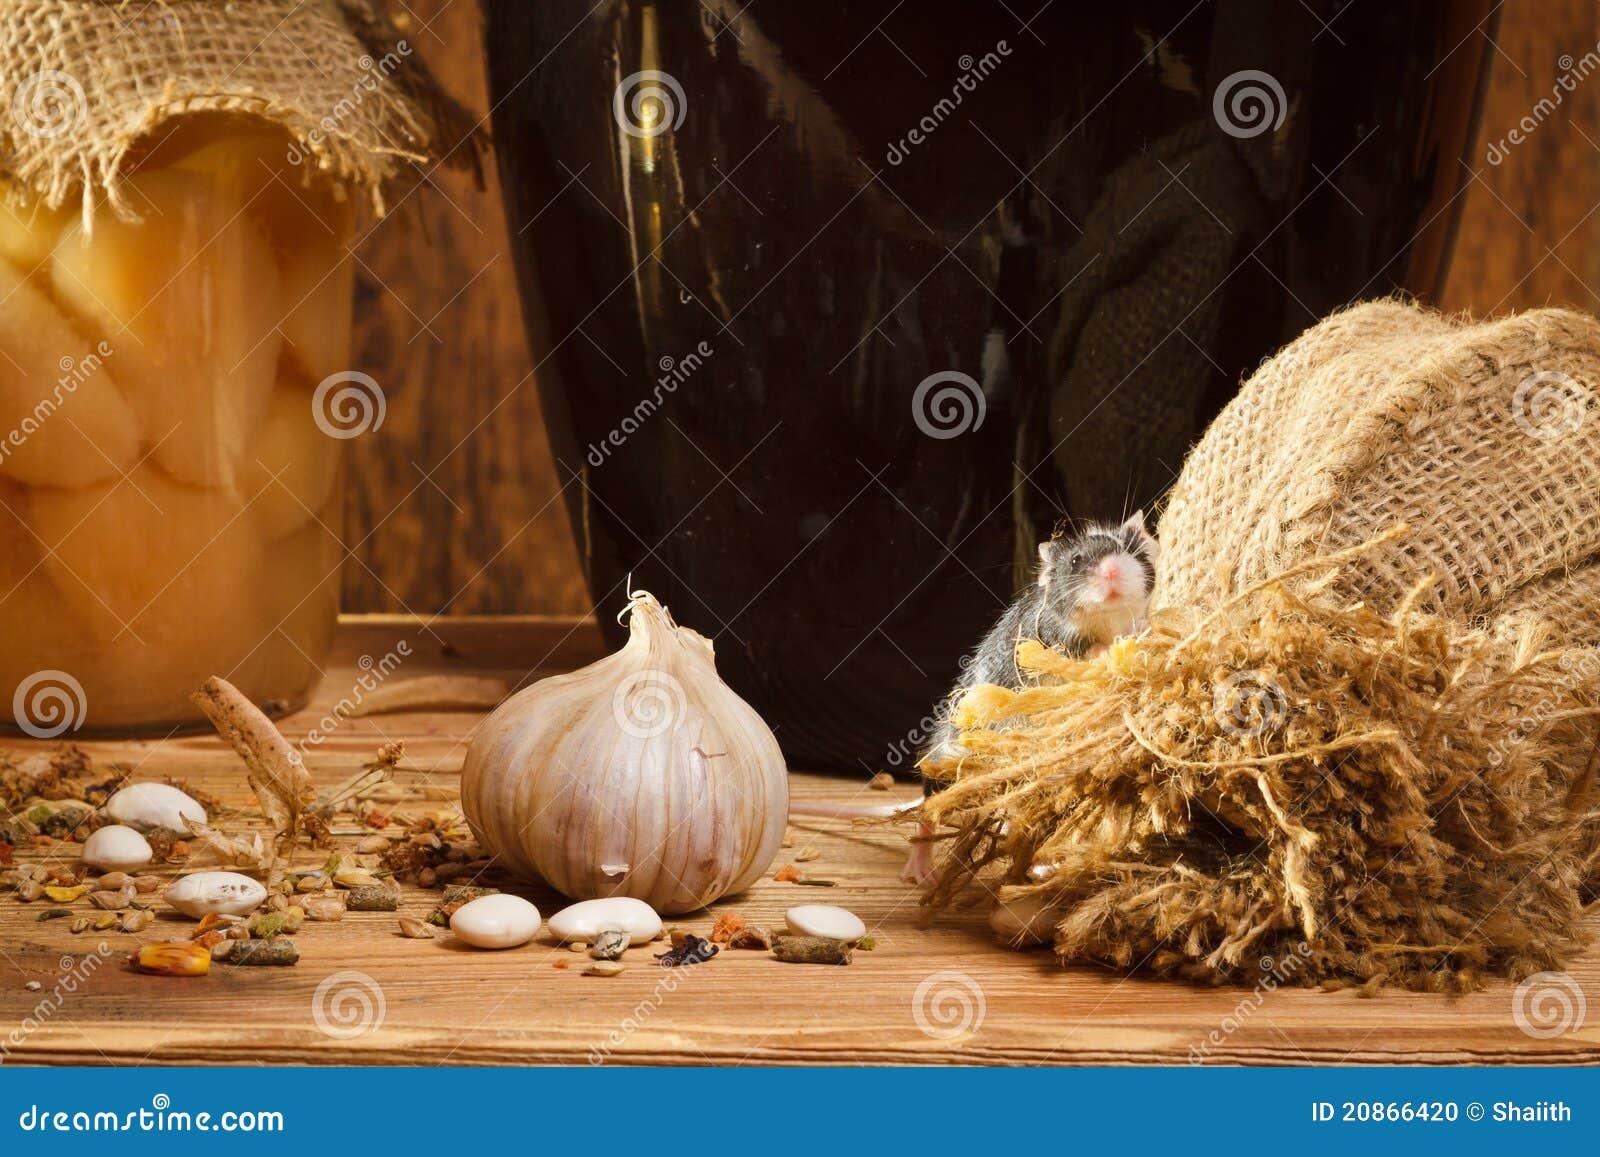 Kleine Maus Im Keller Mit Garlik Stockfoto Bild Von Blick